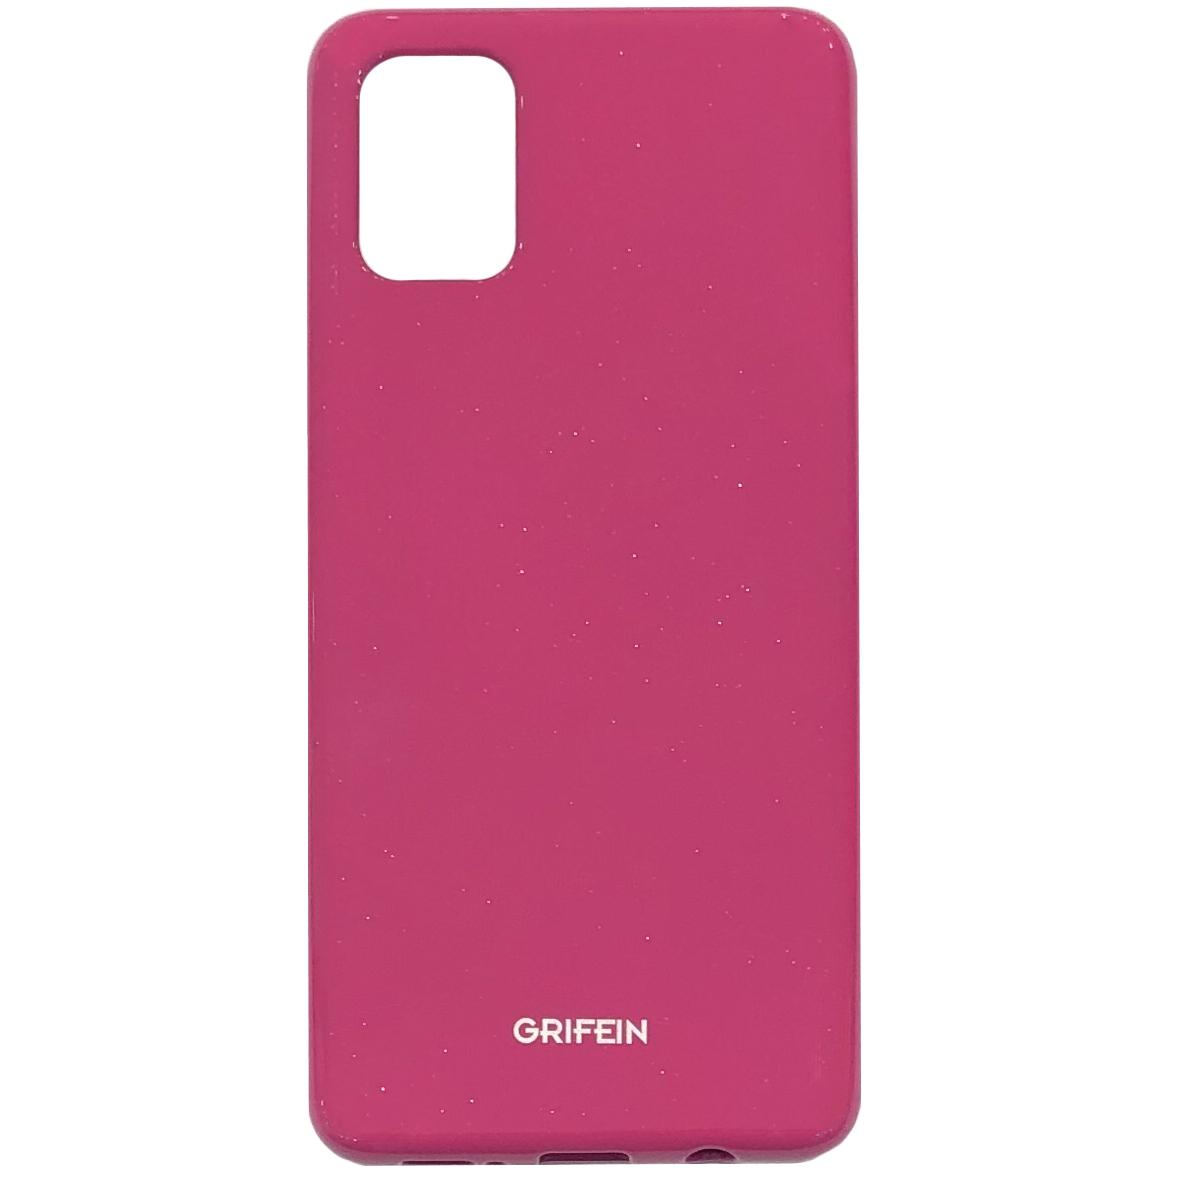 کاور مدل GF-098 مناسب برای گوشی موبایل سامسونگ Galaxy A51